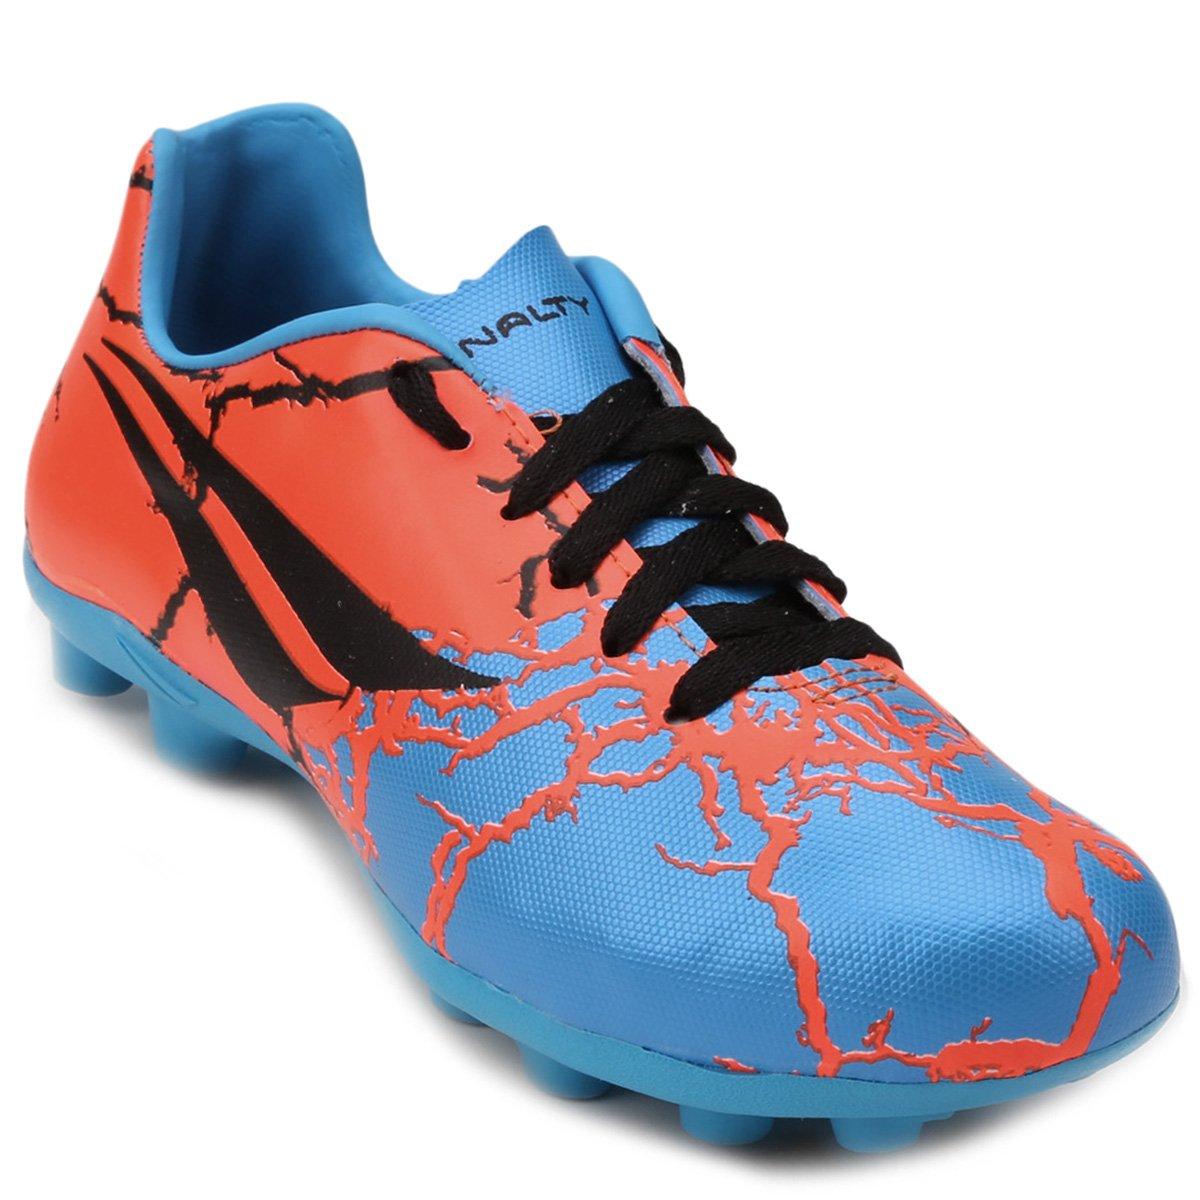 86113ba1e81ea Chuteira Campo Infantil Penalty K Soccer RX 7 - Azul e Laranja - Compre  Agora